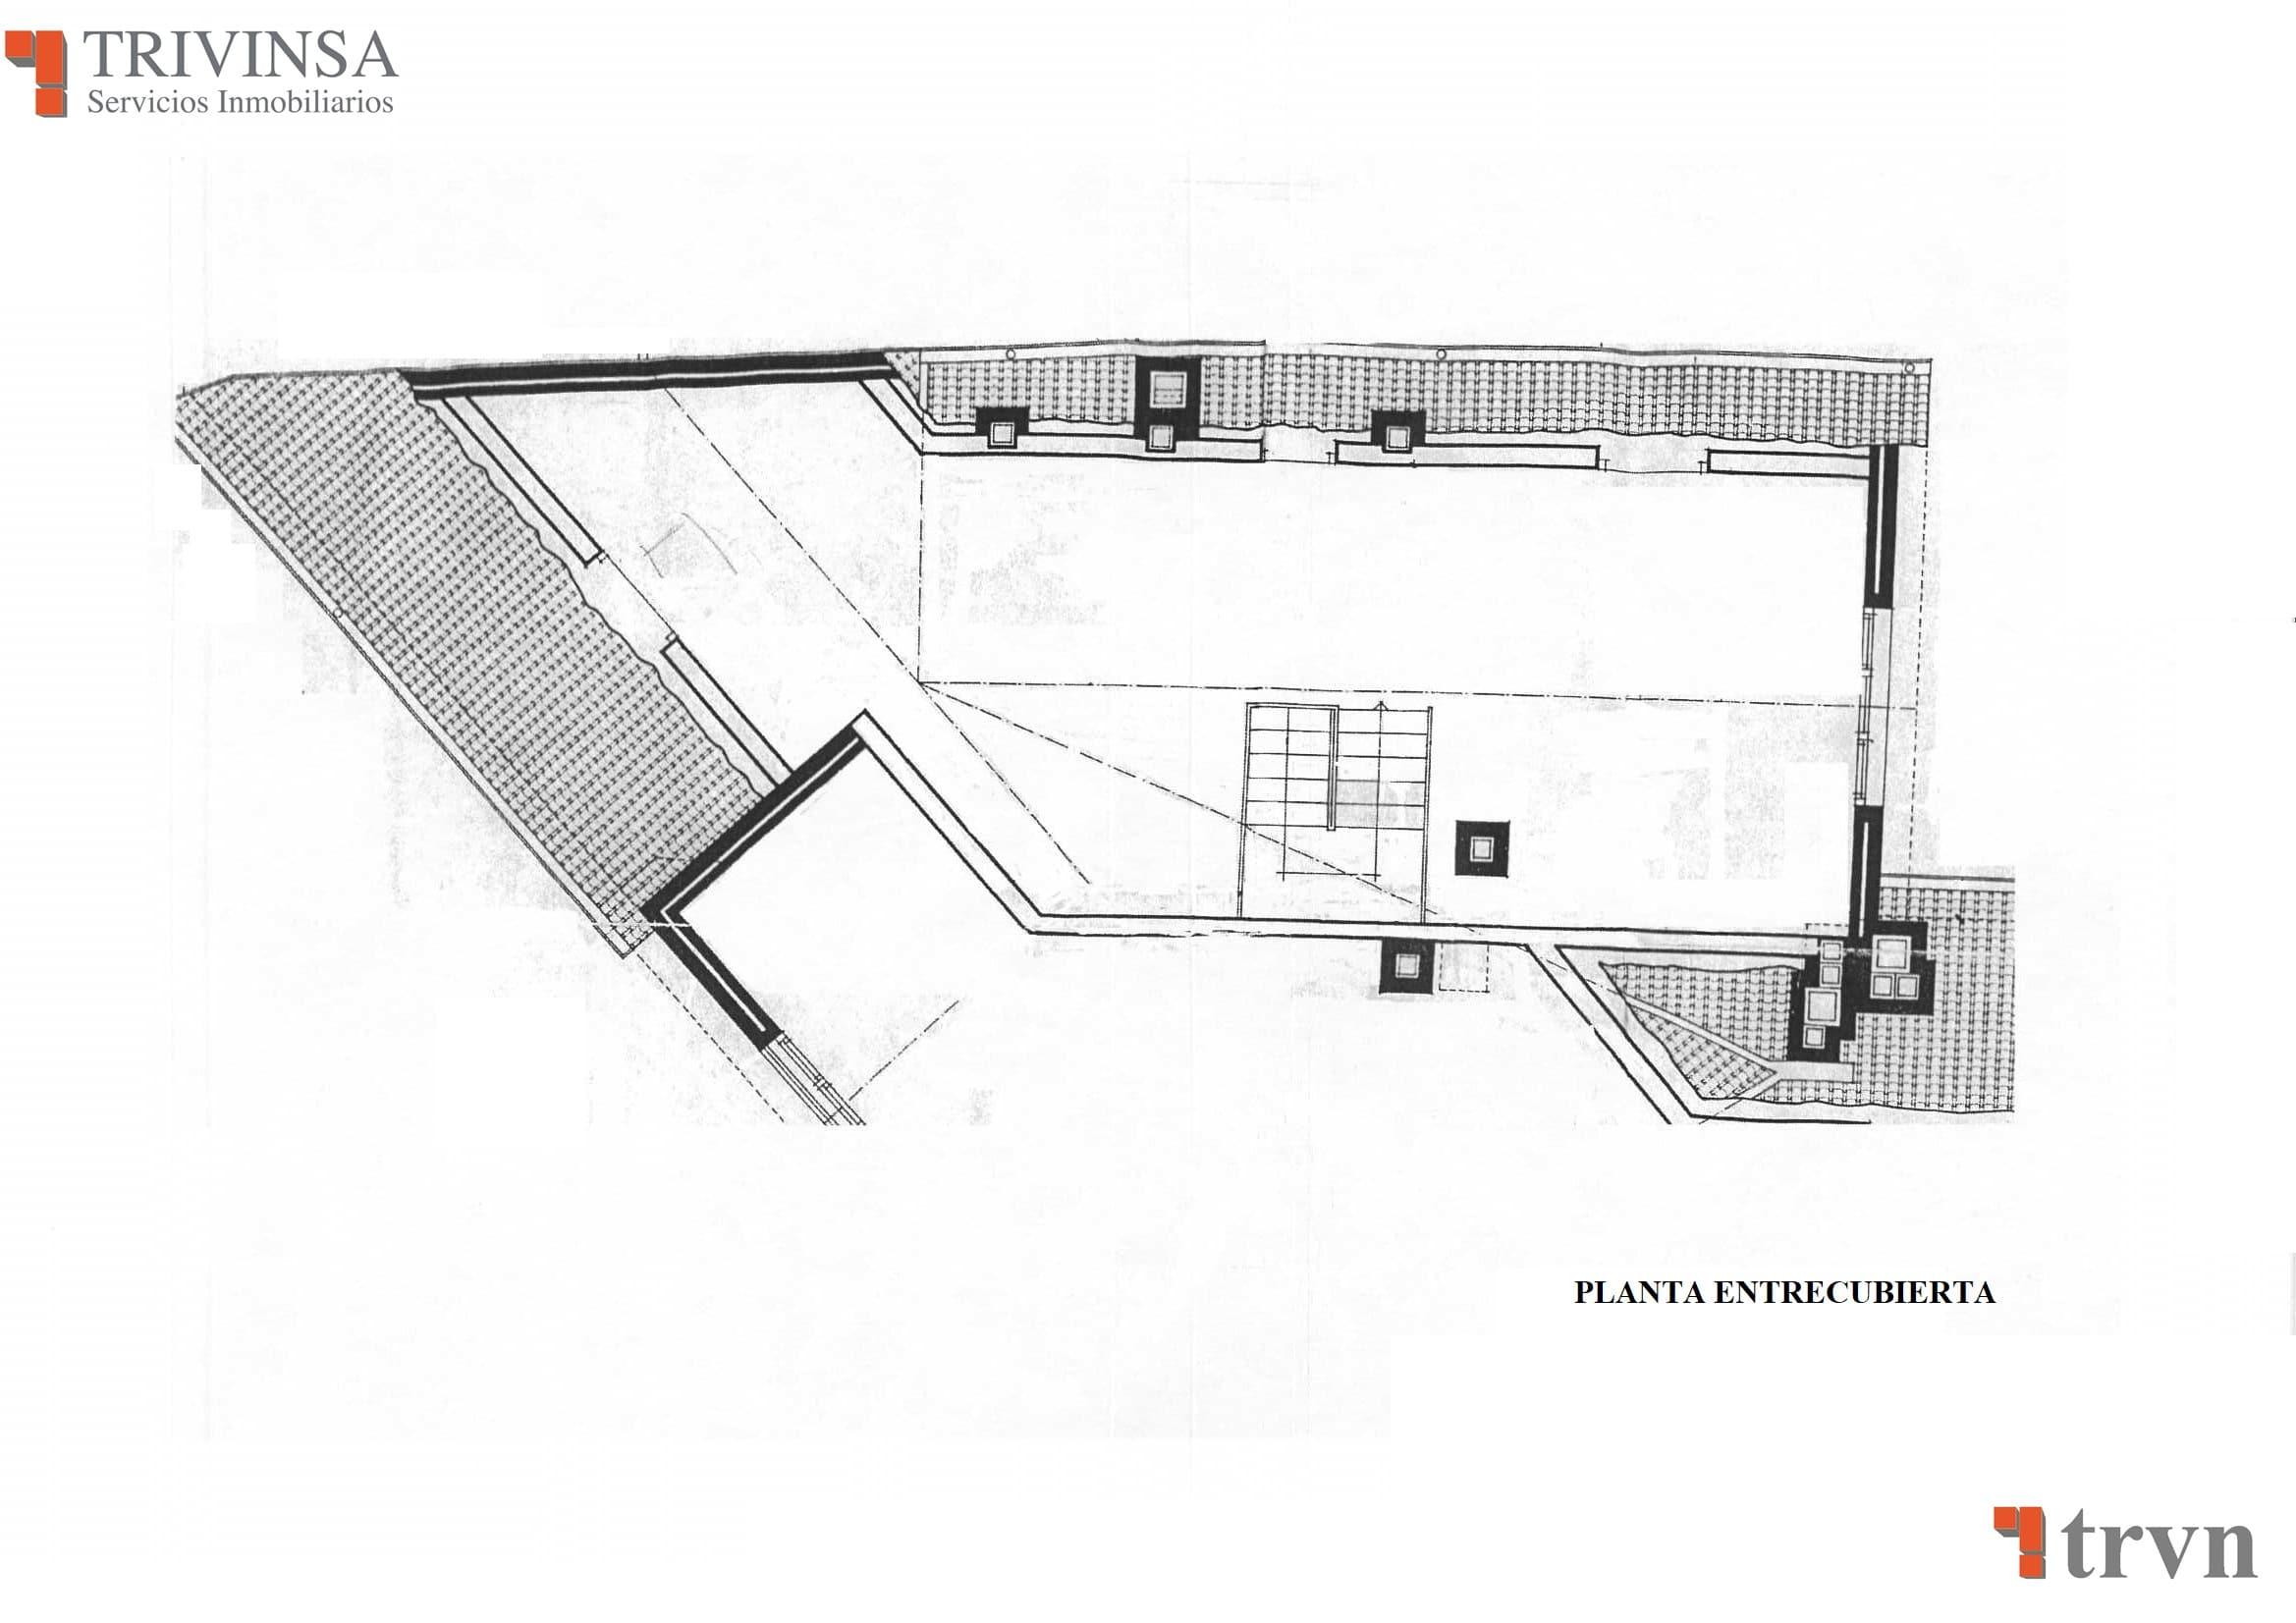 C03554-P.ENTRECUBIERTA